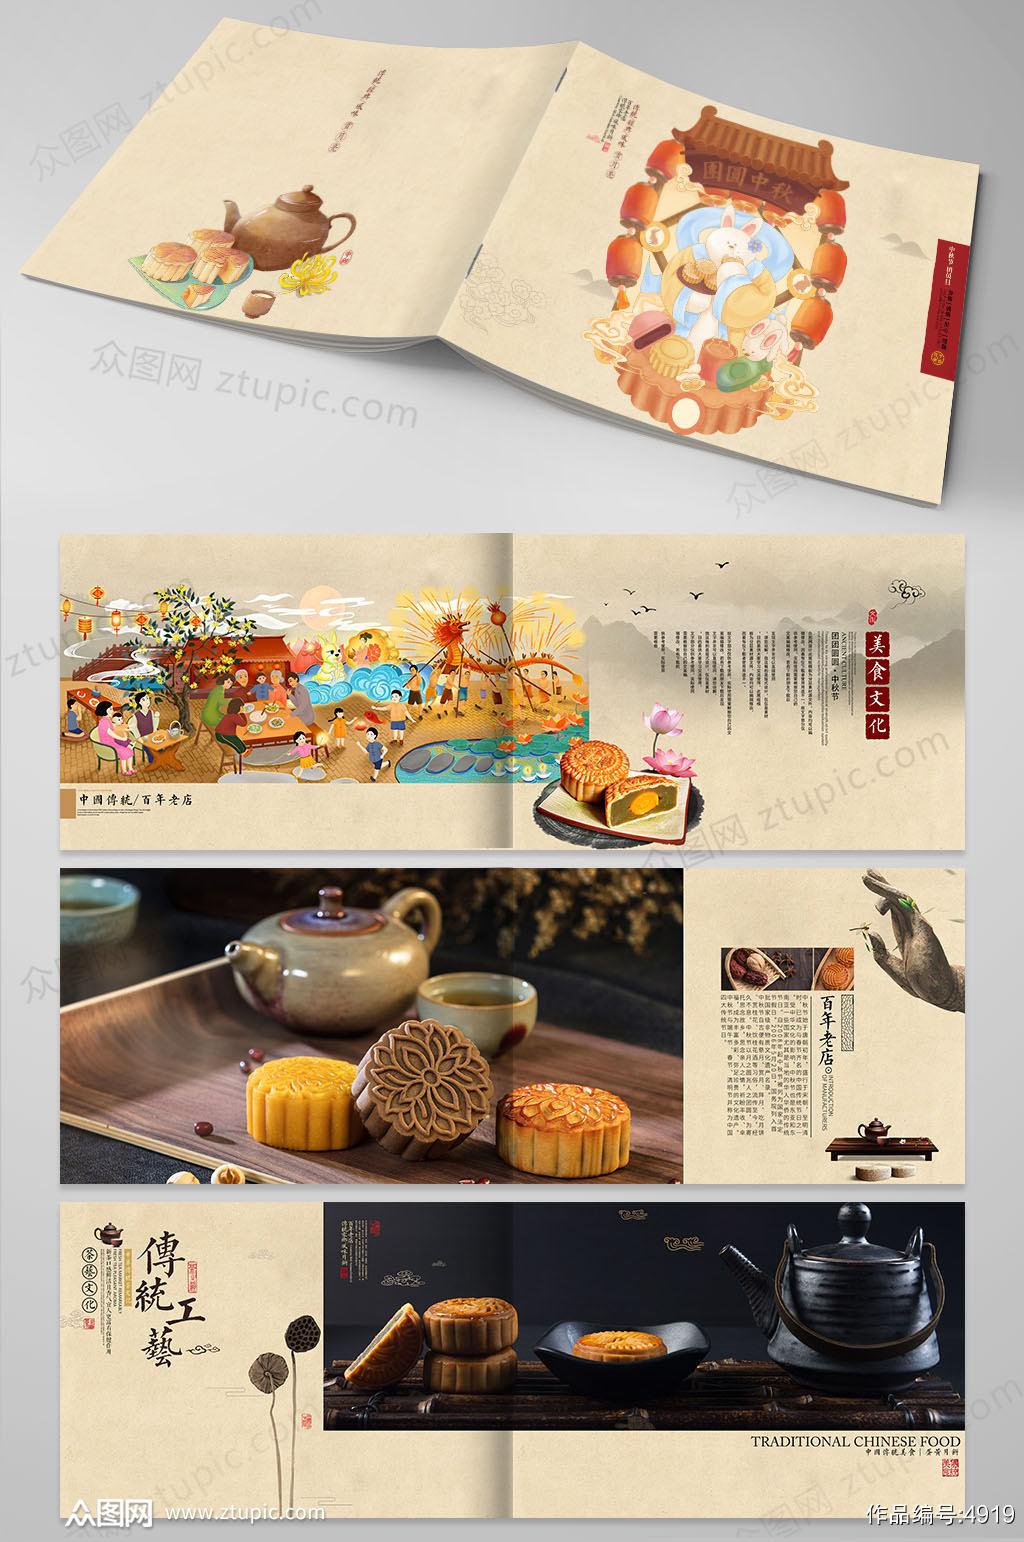 原创复古中秋节月饼画册设计素材素材